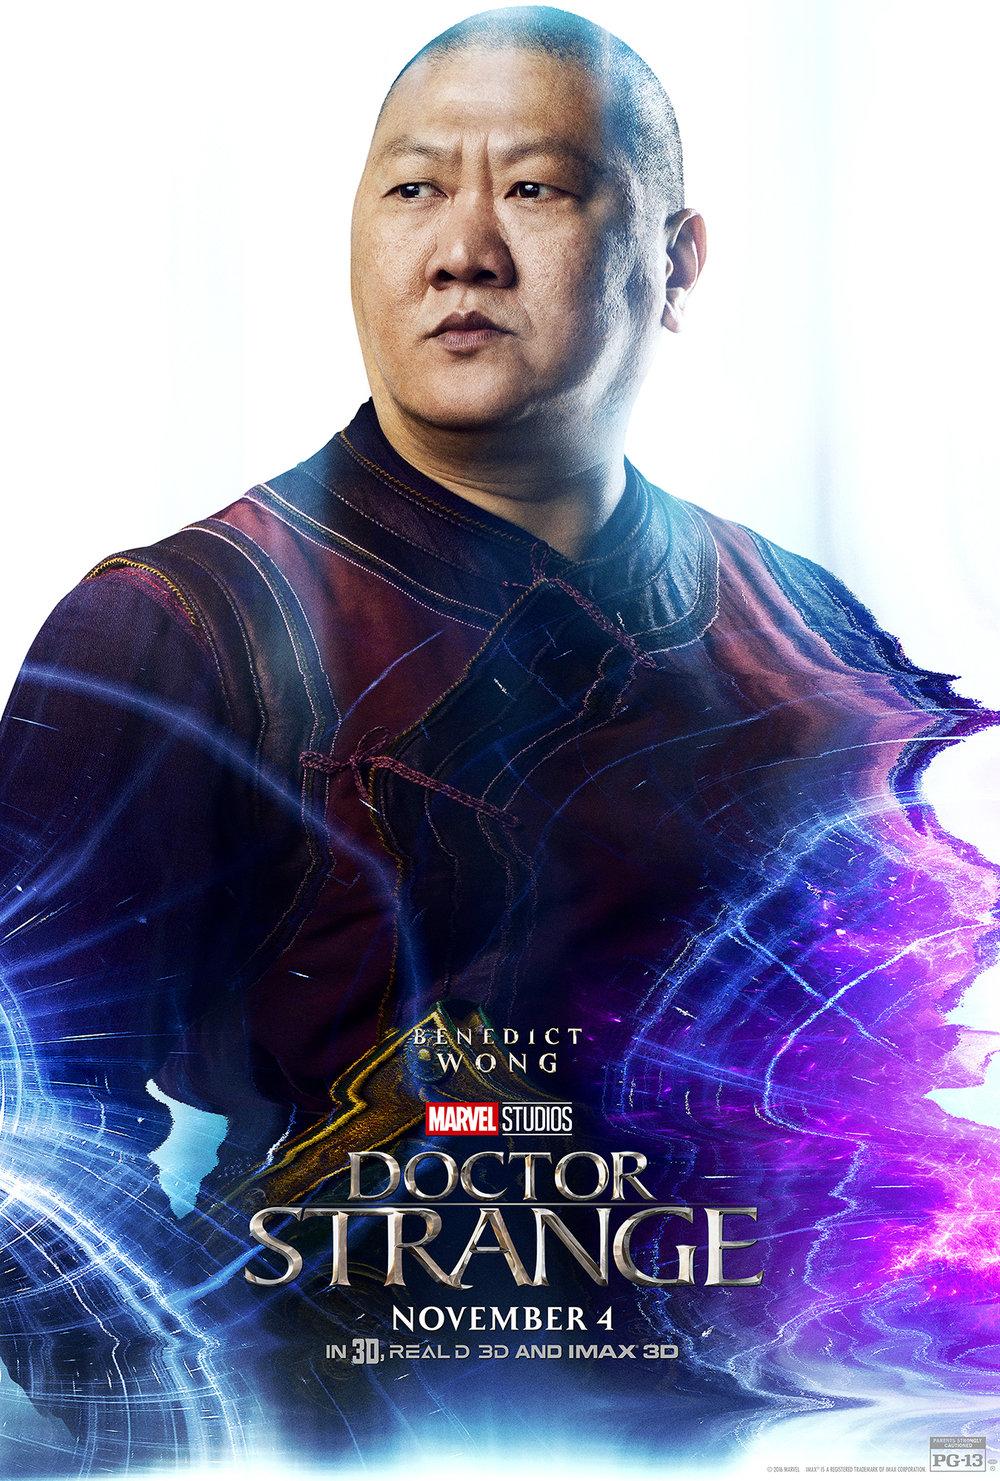 DoctorStrange_1Sht_White_Wong_100dpi.jpg